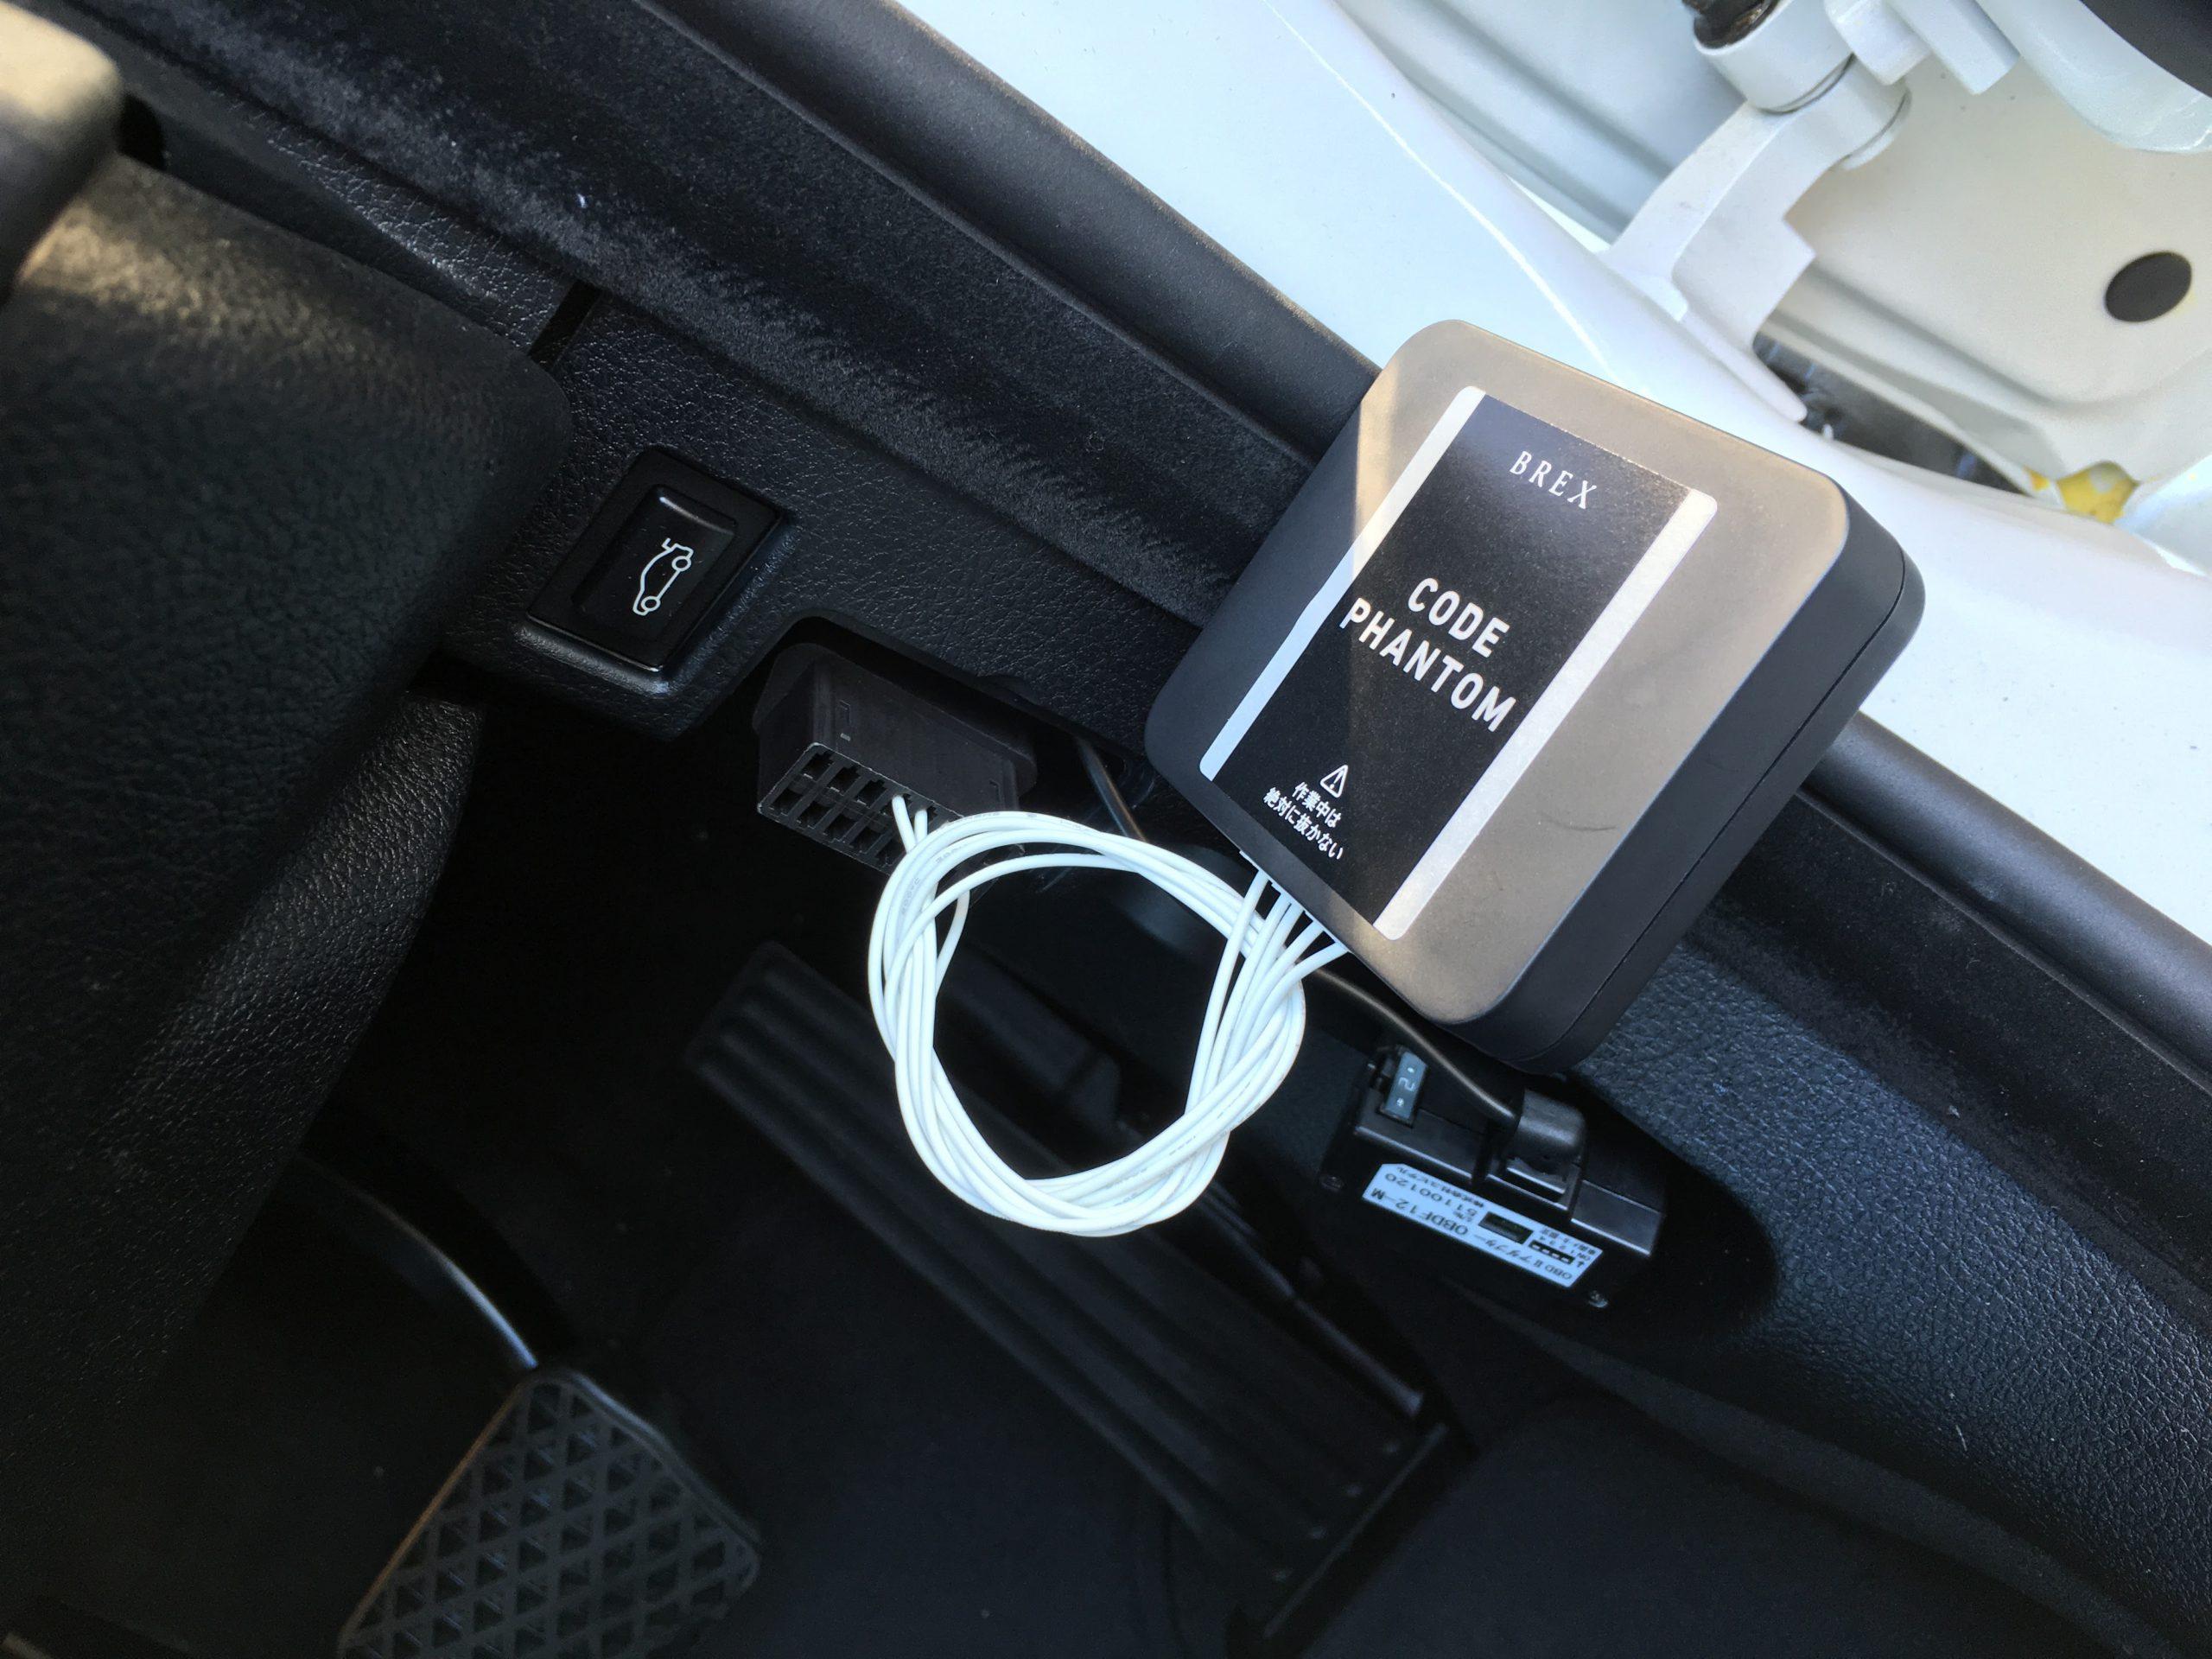 BREX CODE PHANTOMのコーディング設定項目について【BMW4シリーズグランクーペ(420iGC)・パーツレビュー】